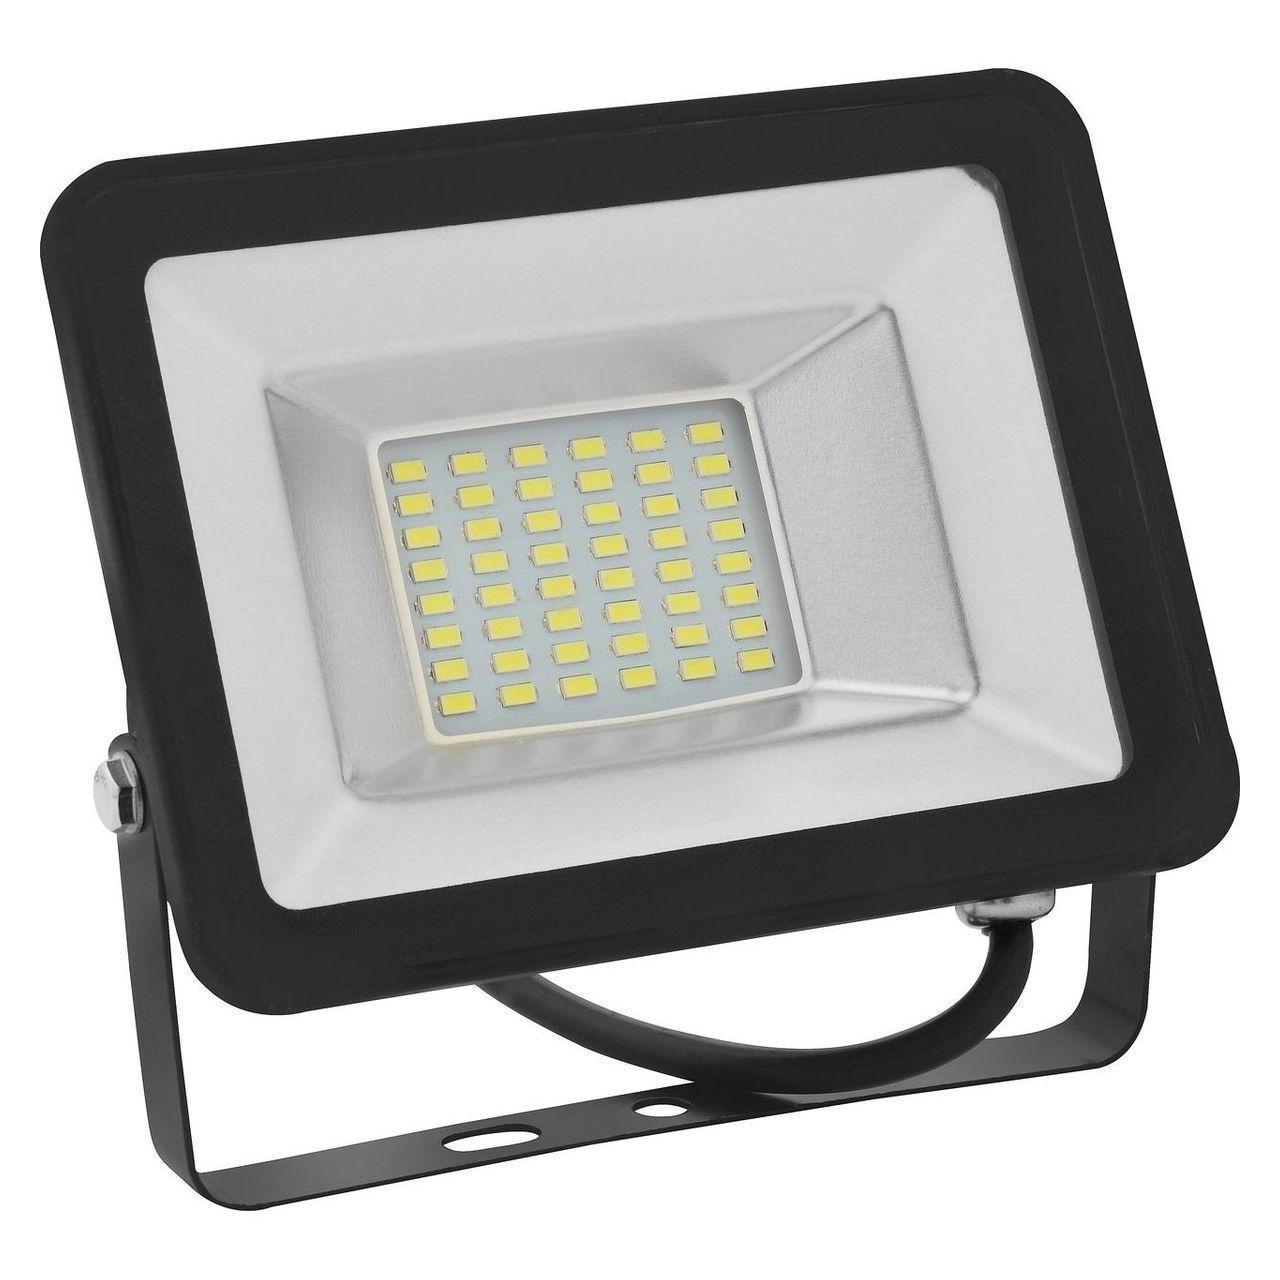 Прожектор светодиодный Horoz 20W 6400K 068-003-0020 (HL176LE) horoz прожектор светодиодный horoz puma hl176le 20w 1000lm 6400k ip65 hrz00001136